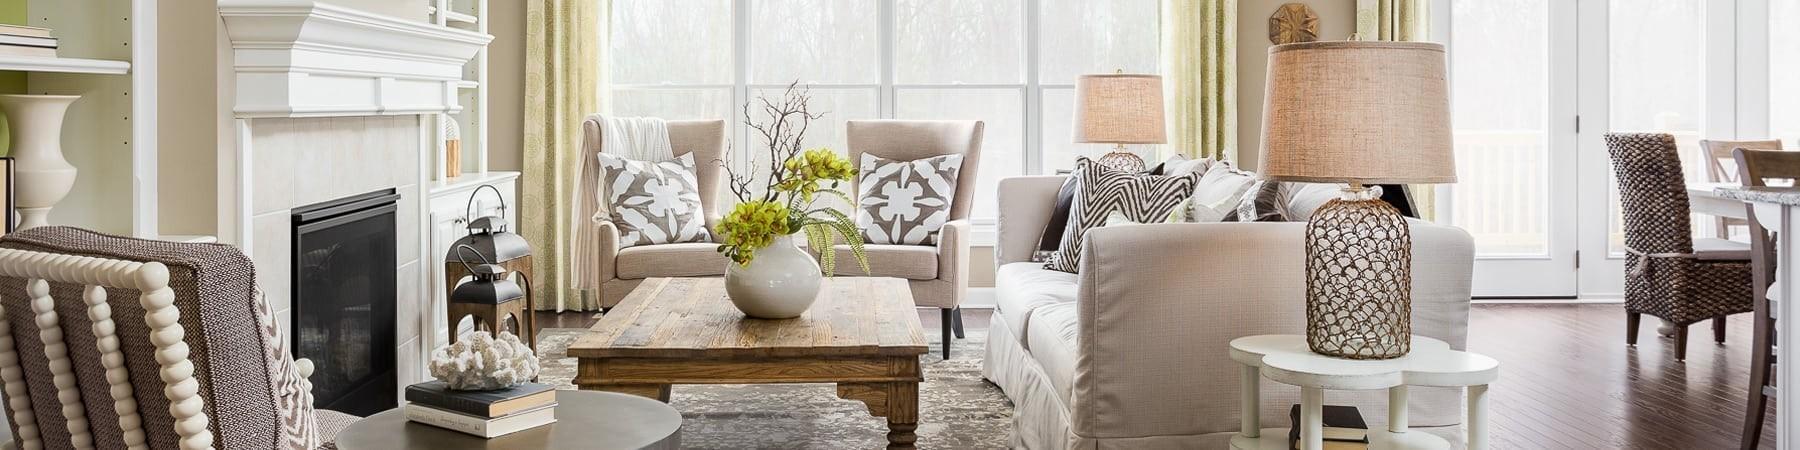 Giá kệ tivi phòng khách, phong cách kiểu dáng hiện đại.Hàng chính hãng